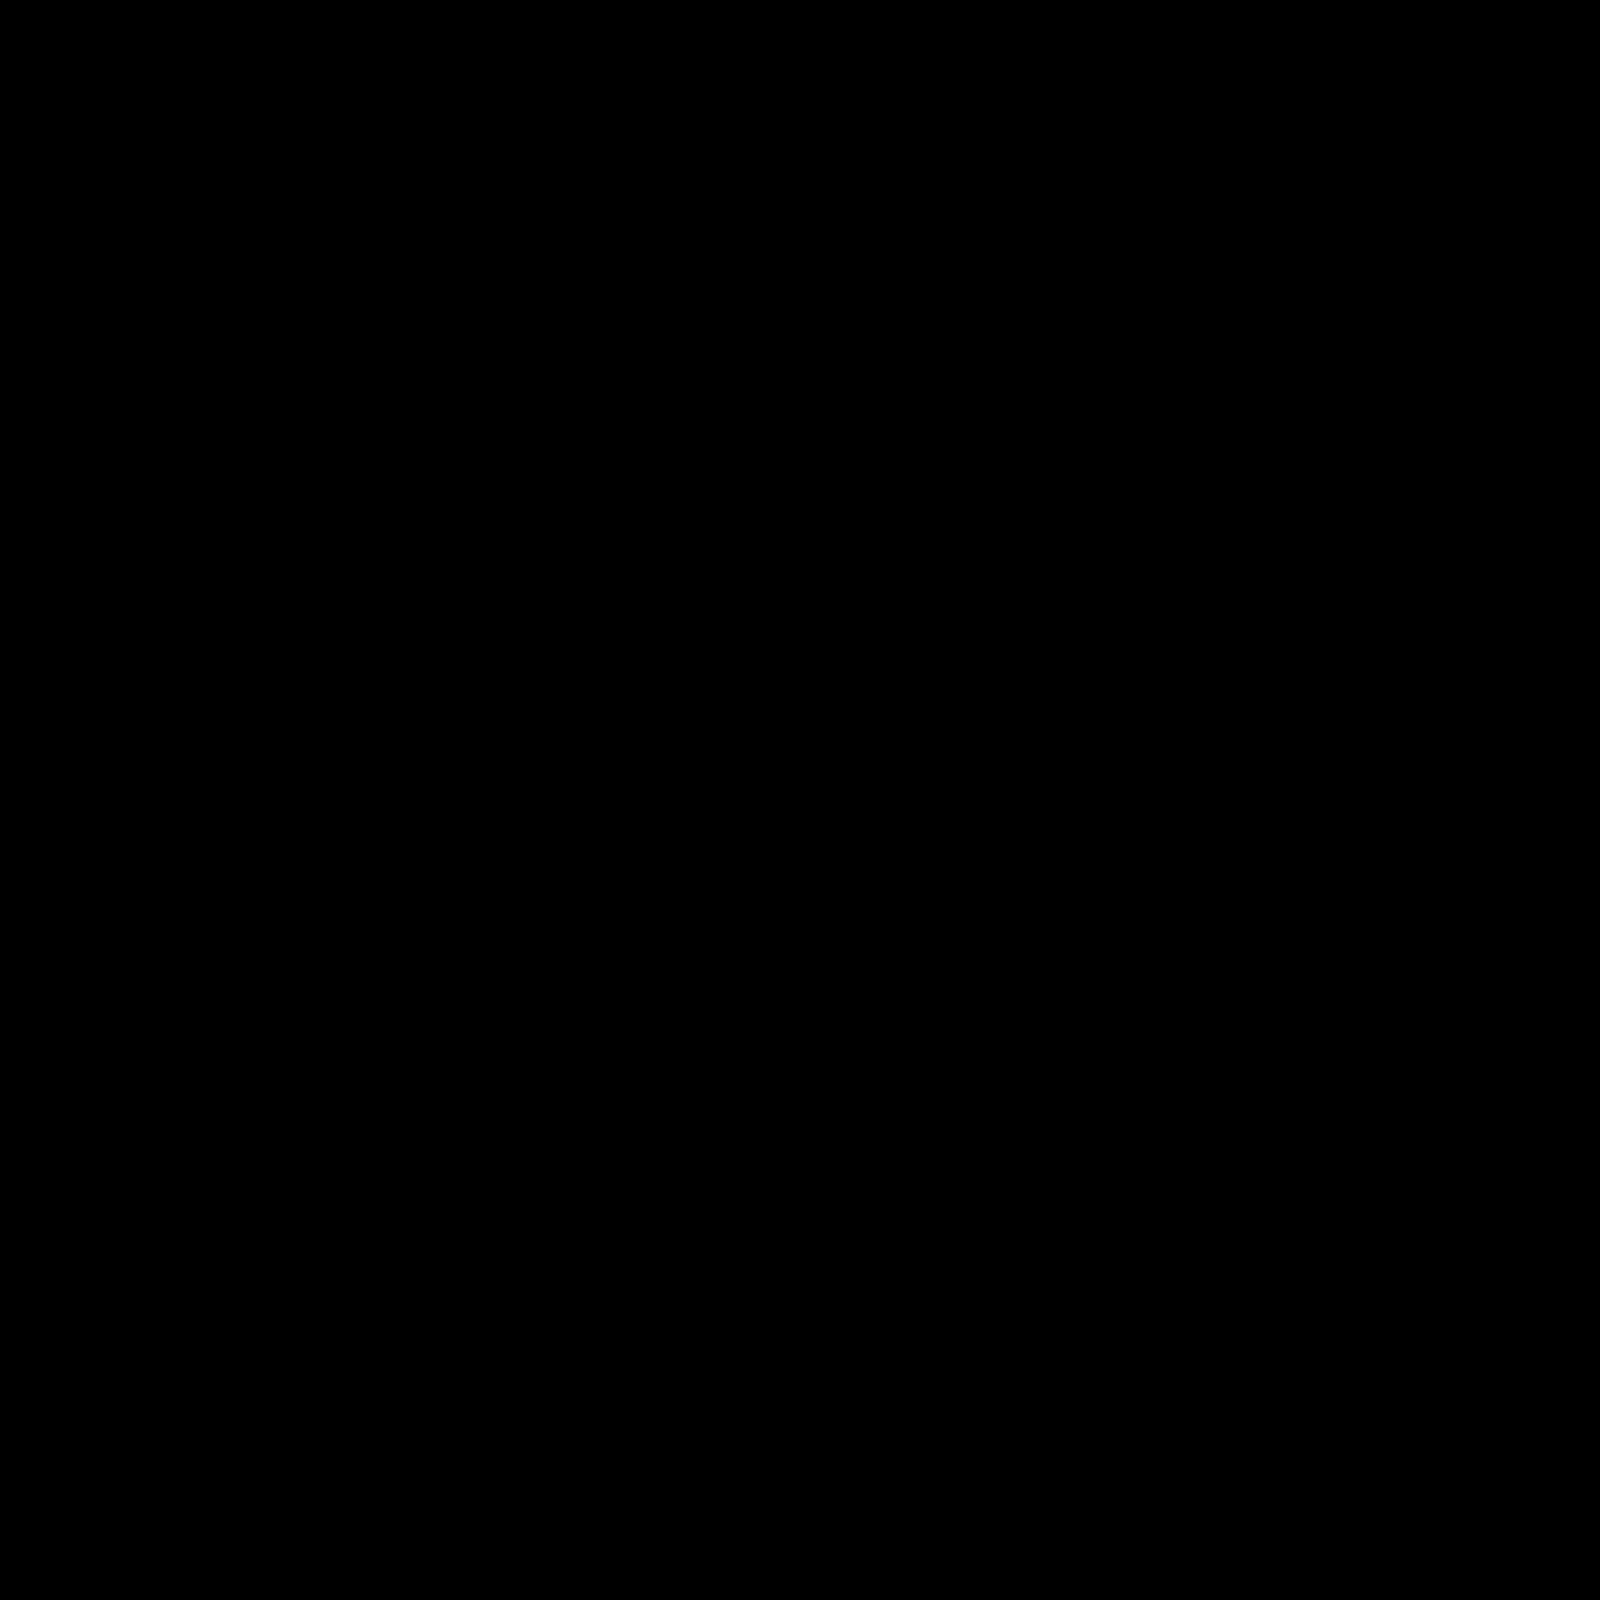 Медицинский идентификатор icon